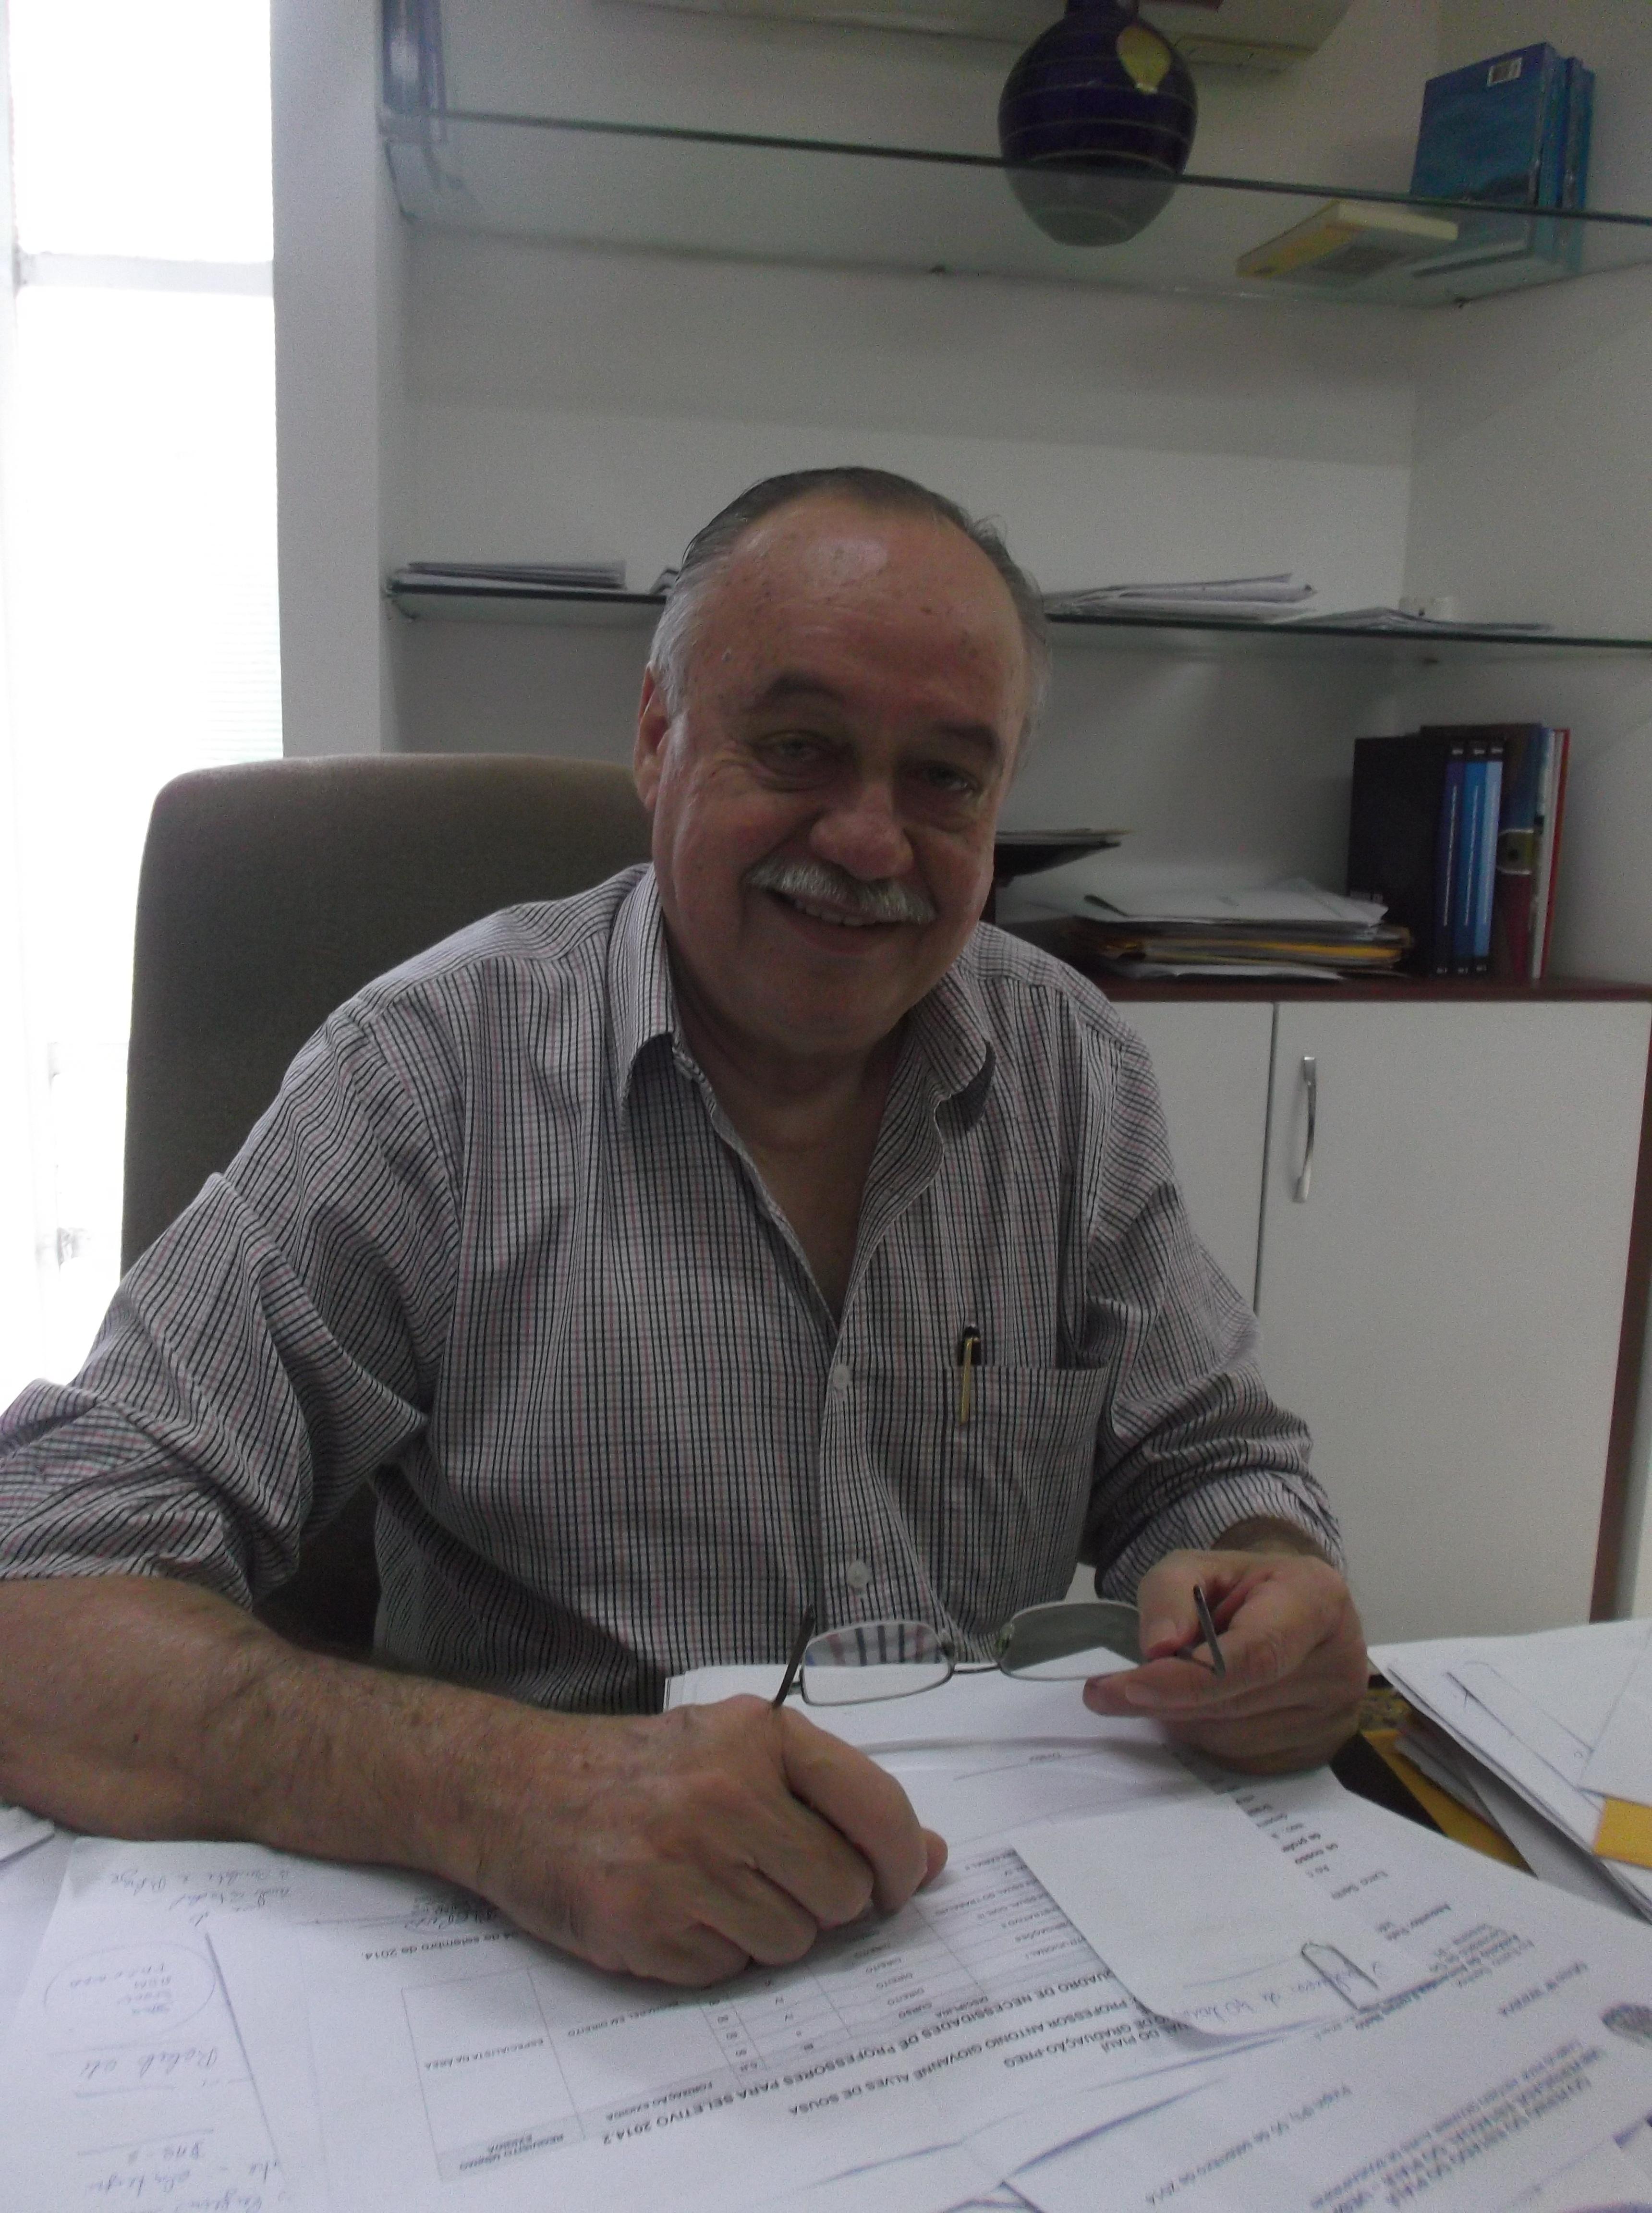 Veja o que saiu no Migalhas sobre Antônio de Almendra Freitas Neto